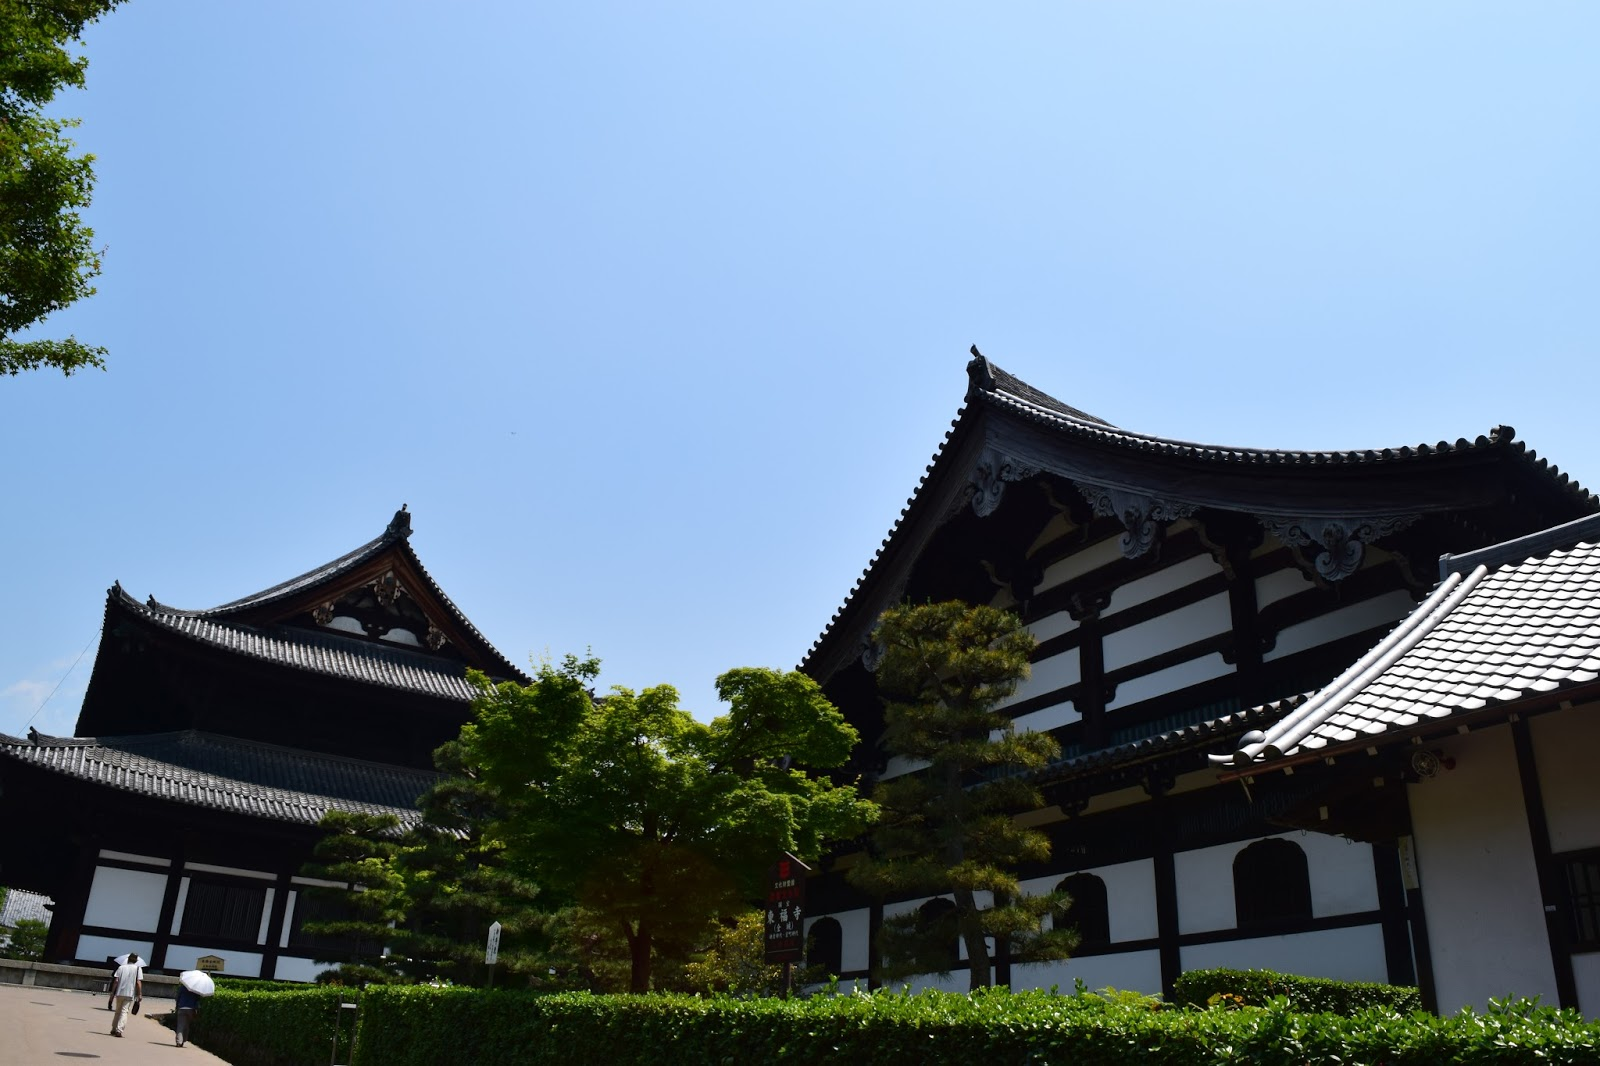 Tofukuji Kyoto